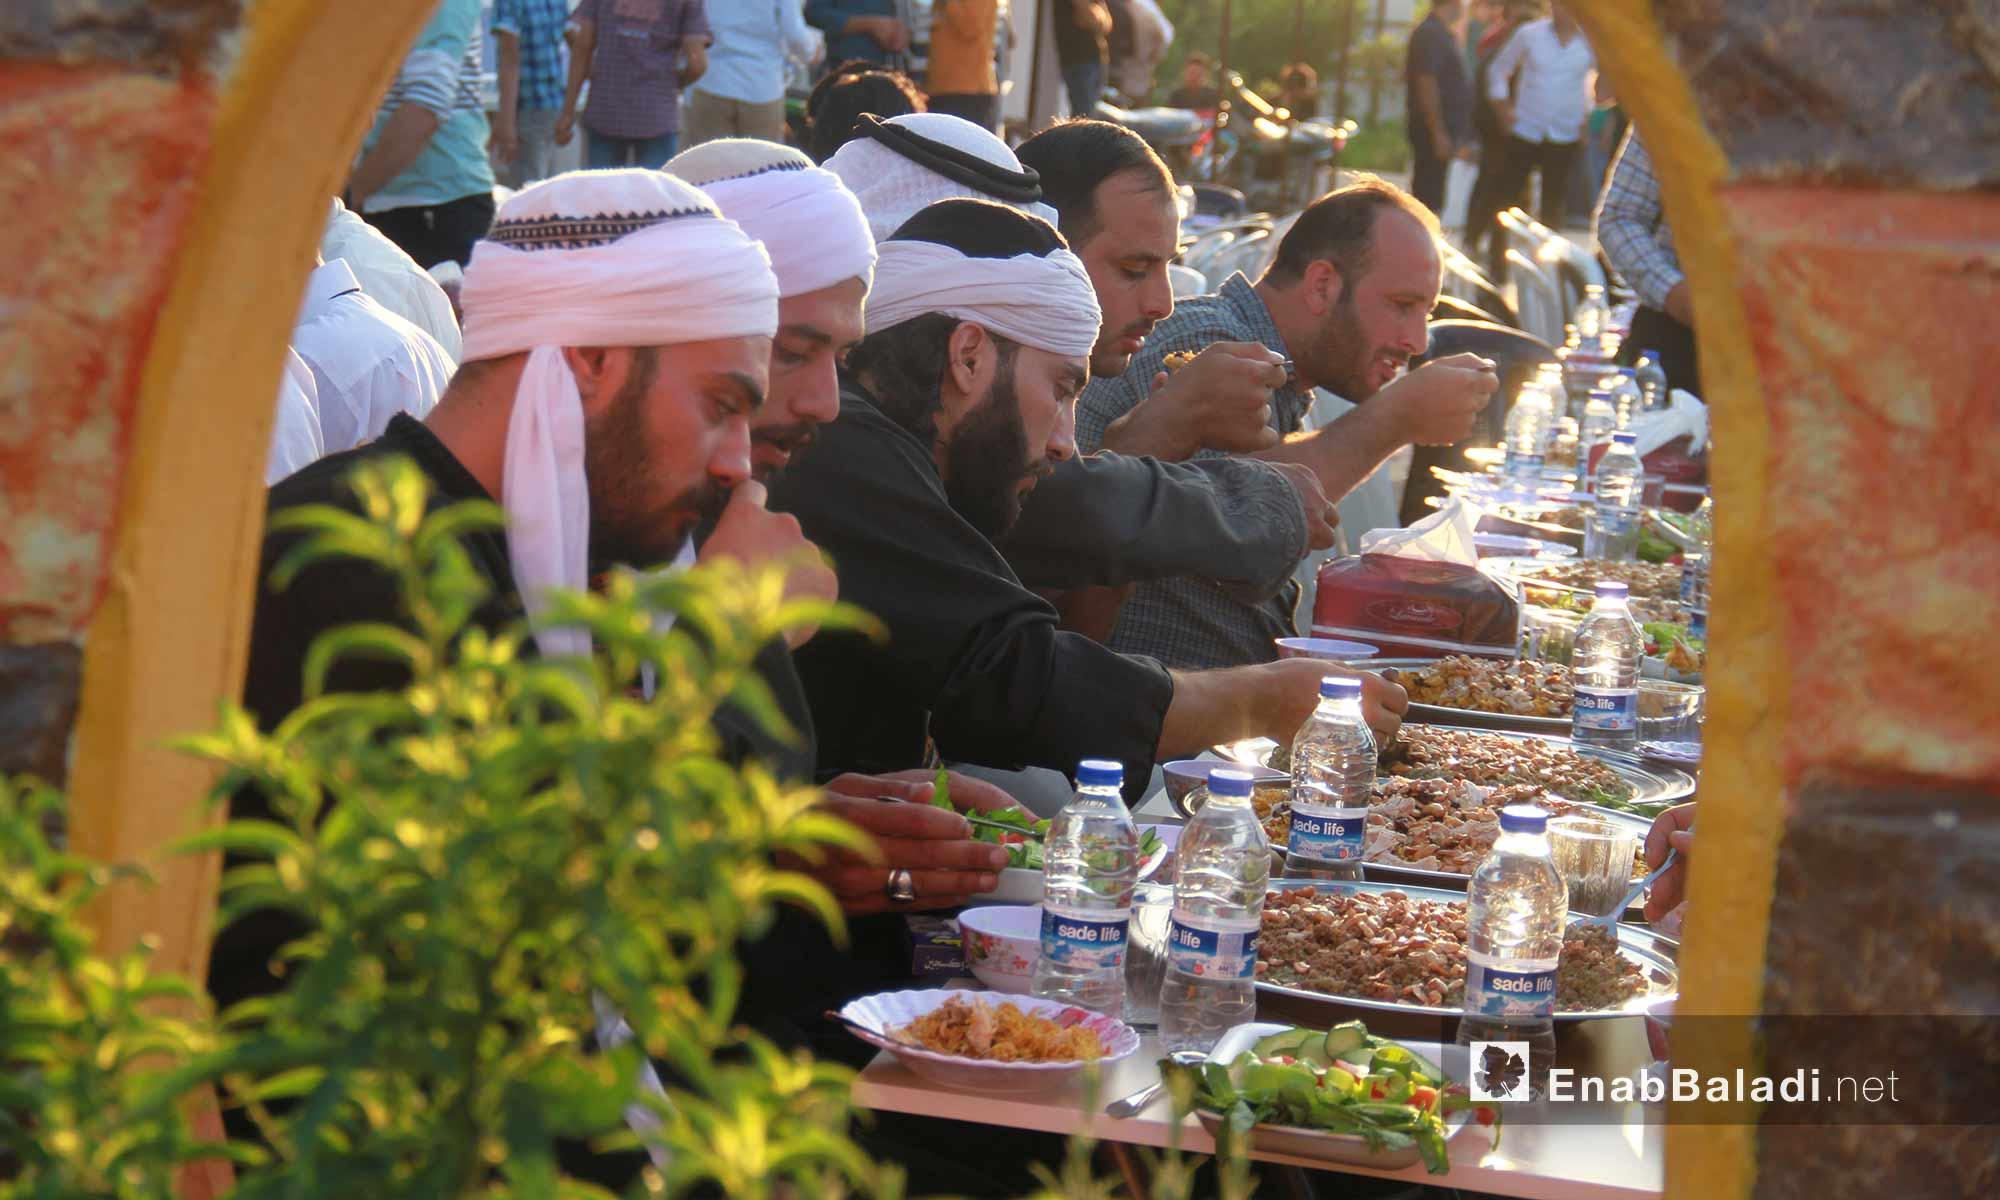 غداء الزفاف الجماعي لشباب داريا في محافظة إدلب - 9 آب 2017 (عنب بلدي)